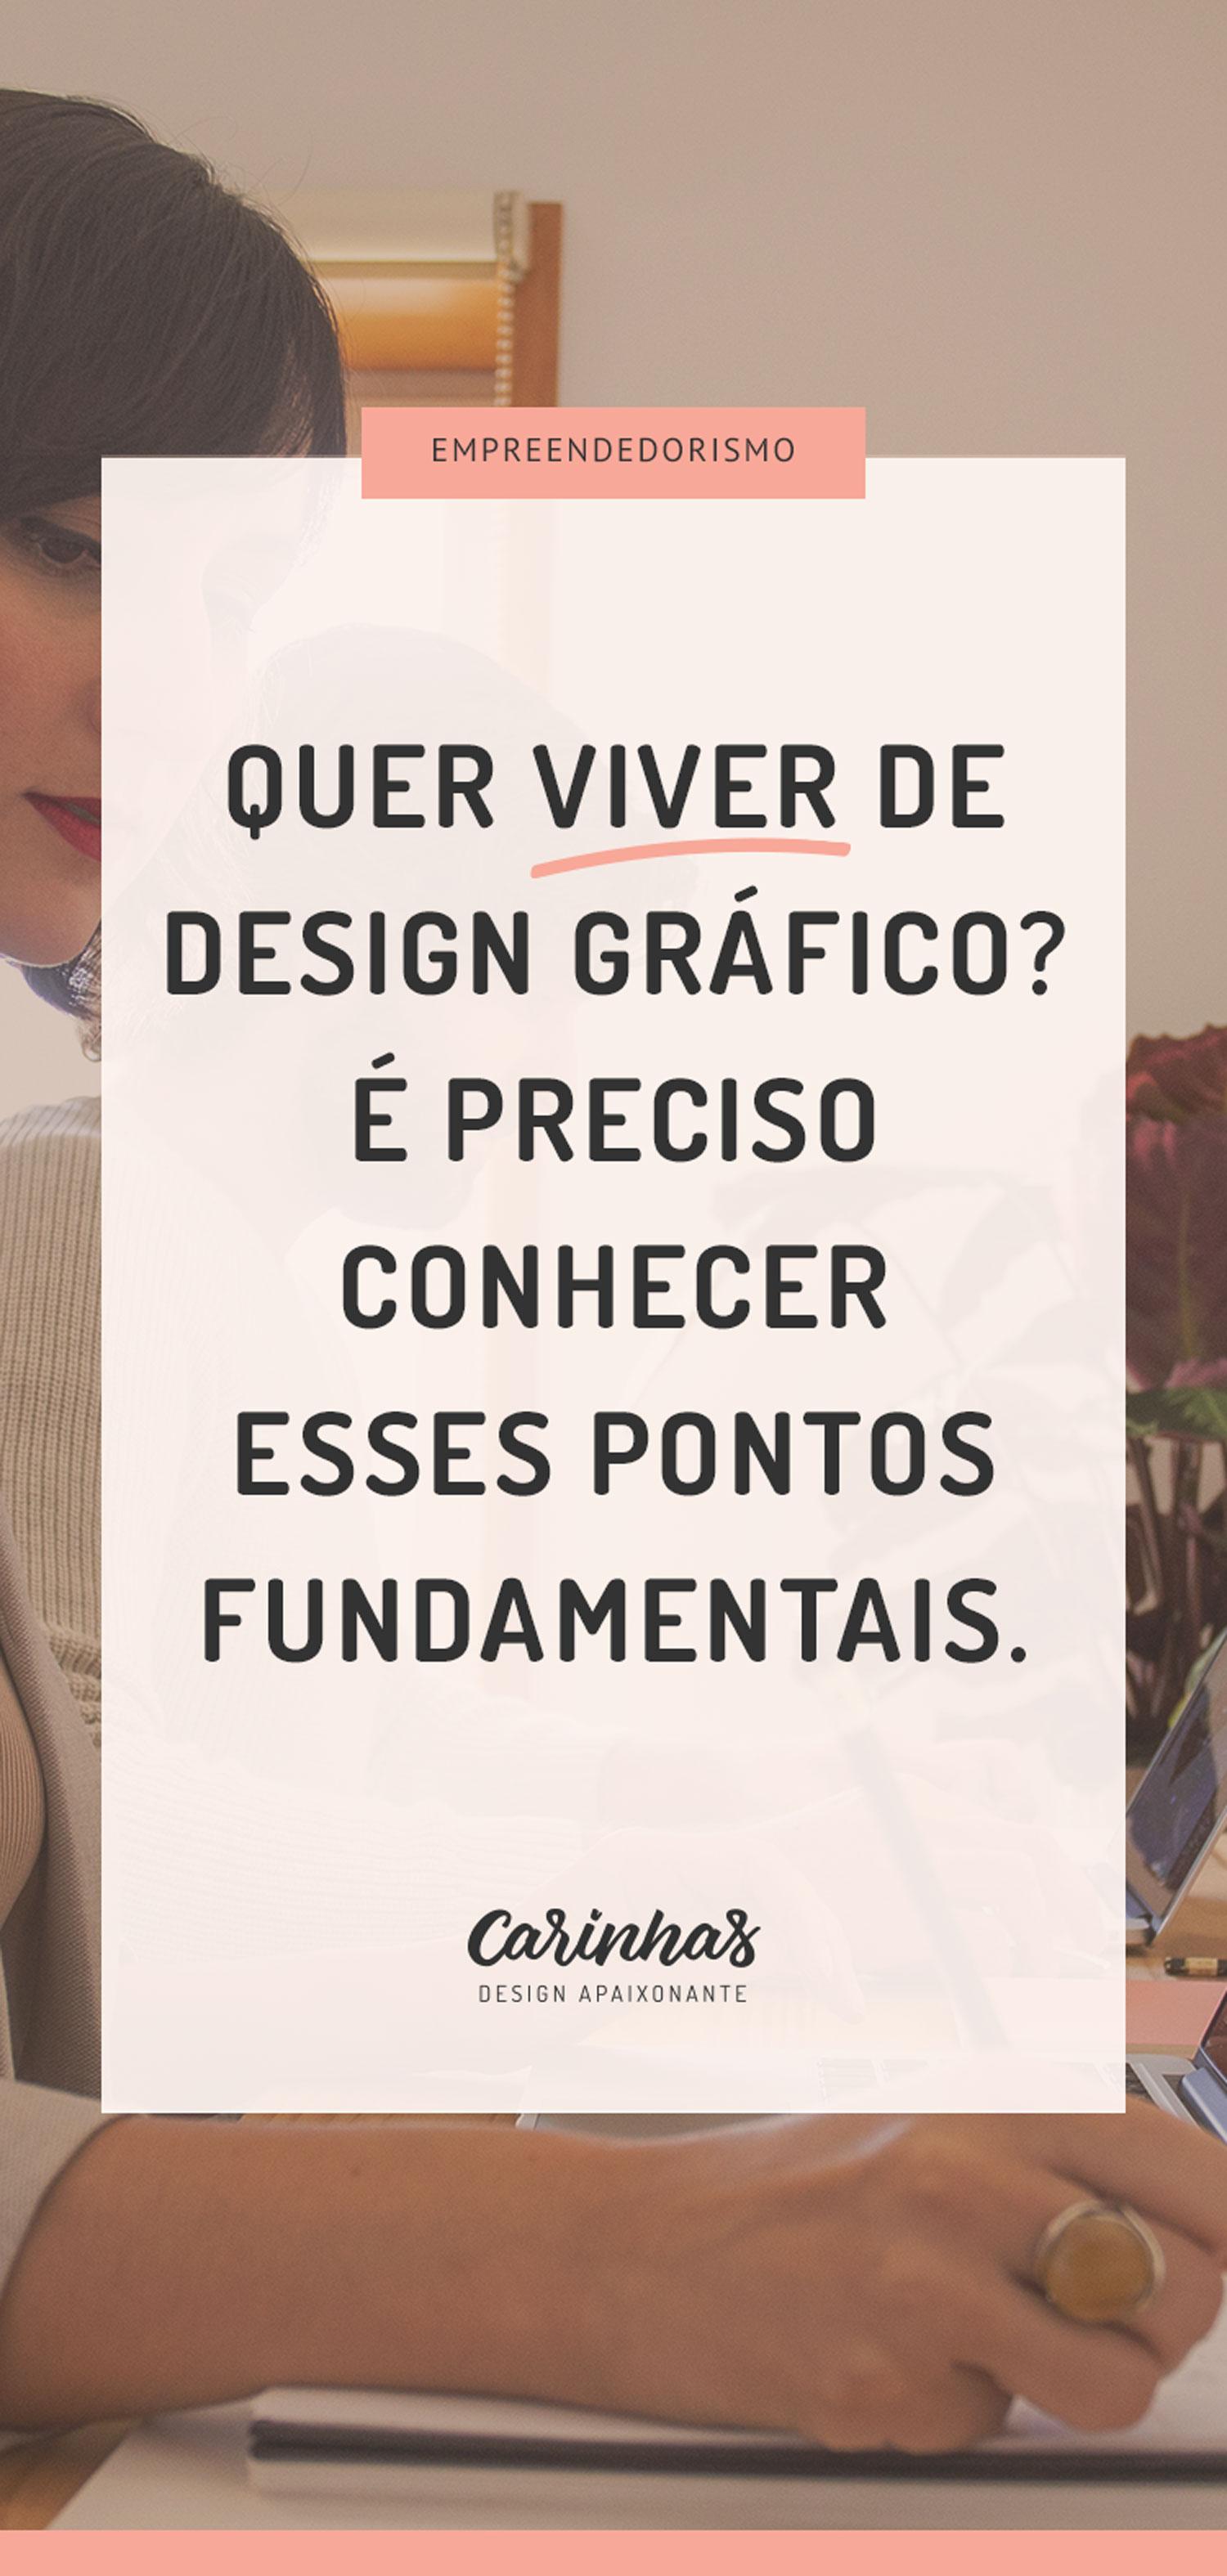 Quer viver de design gráfico? É preciso conhecer esses pontos fundamentais